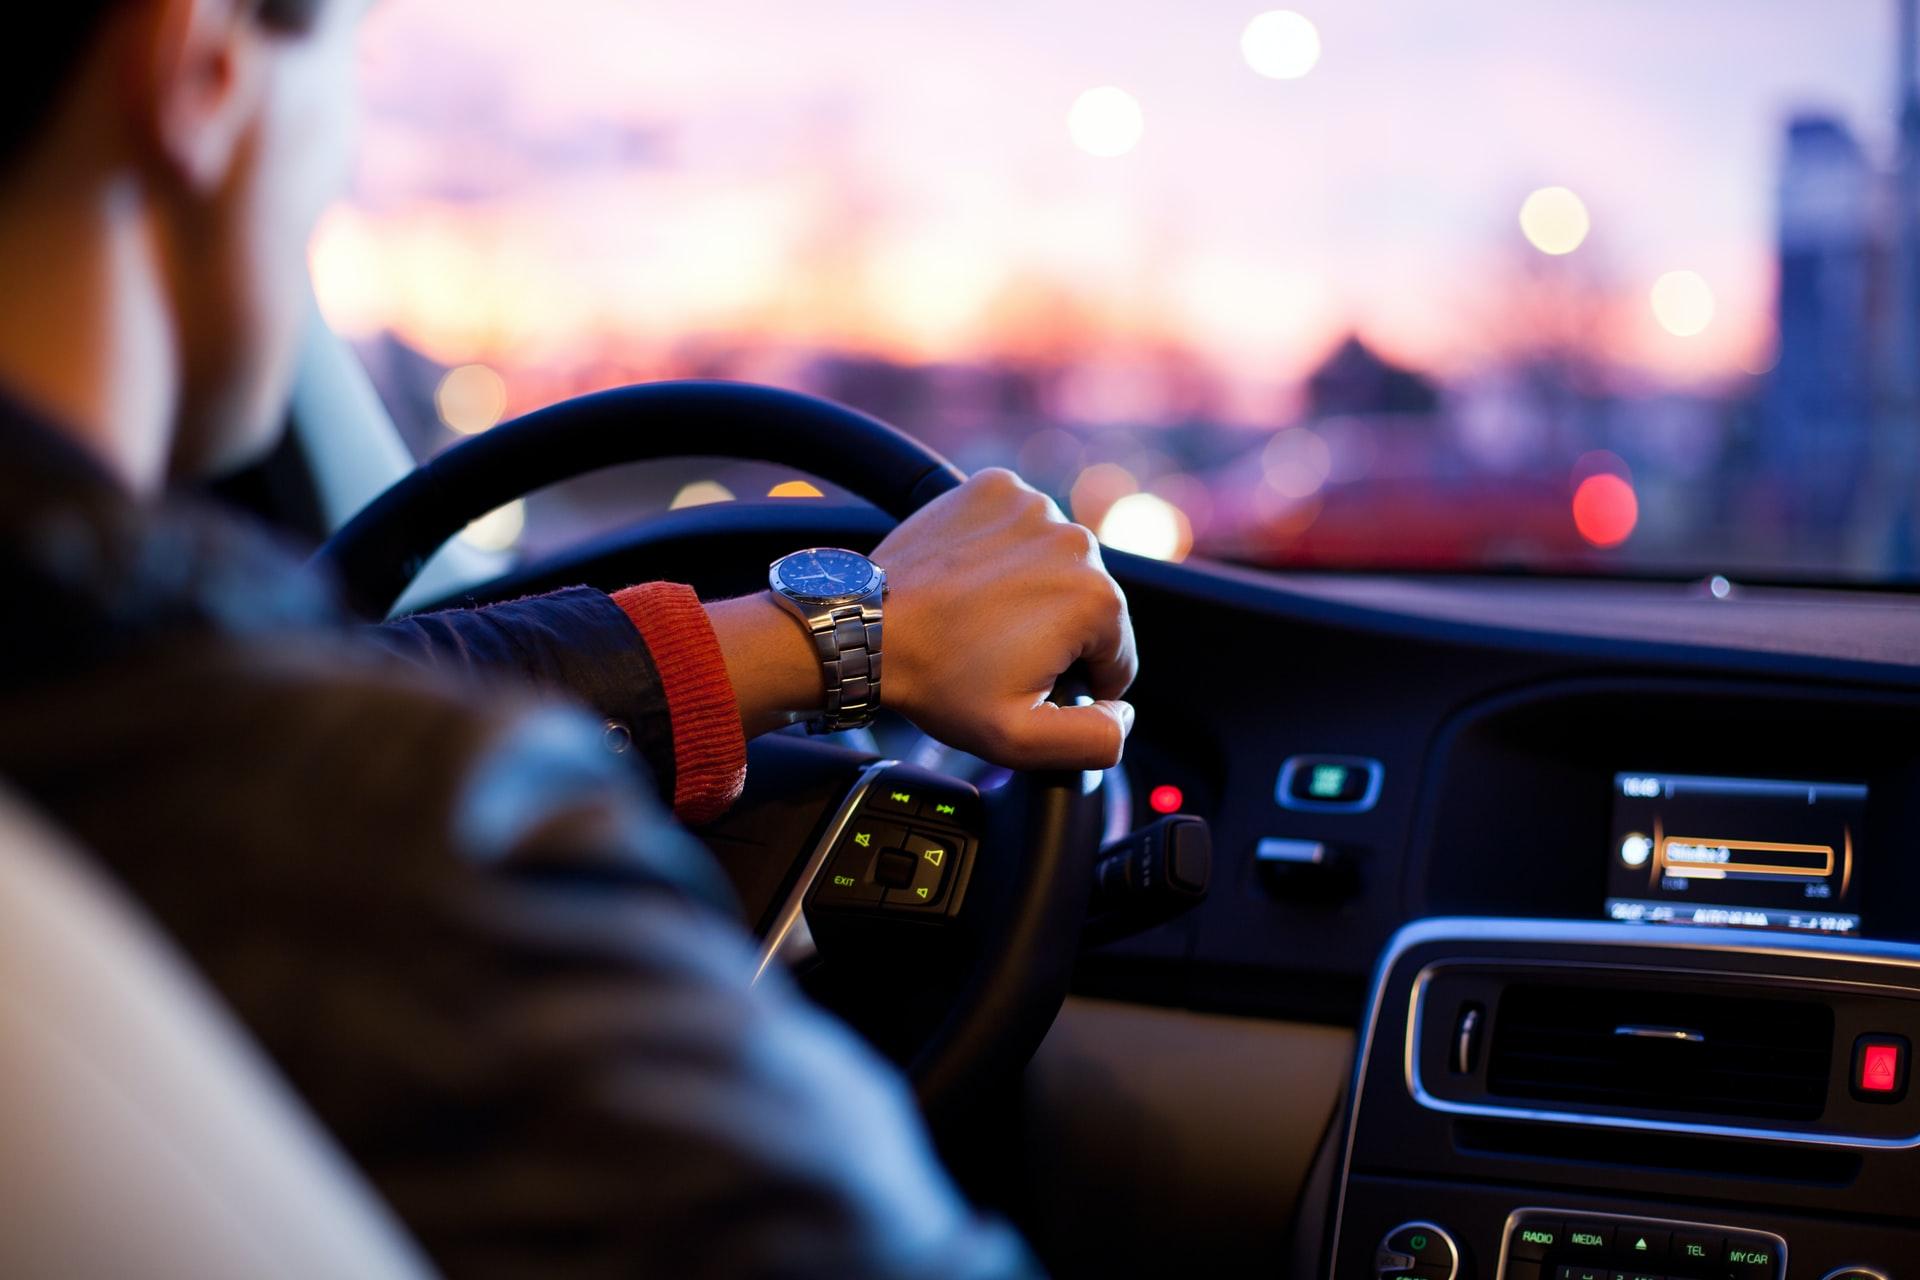 Rc auto come bloccare l'assicurazione per un periodo